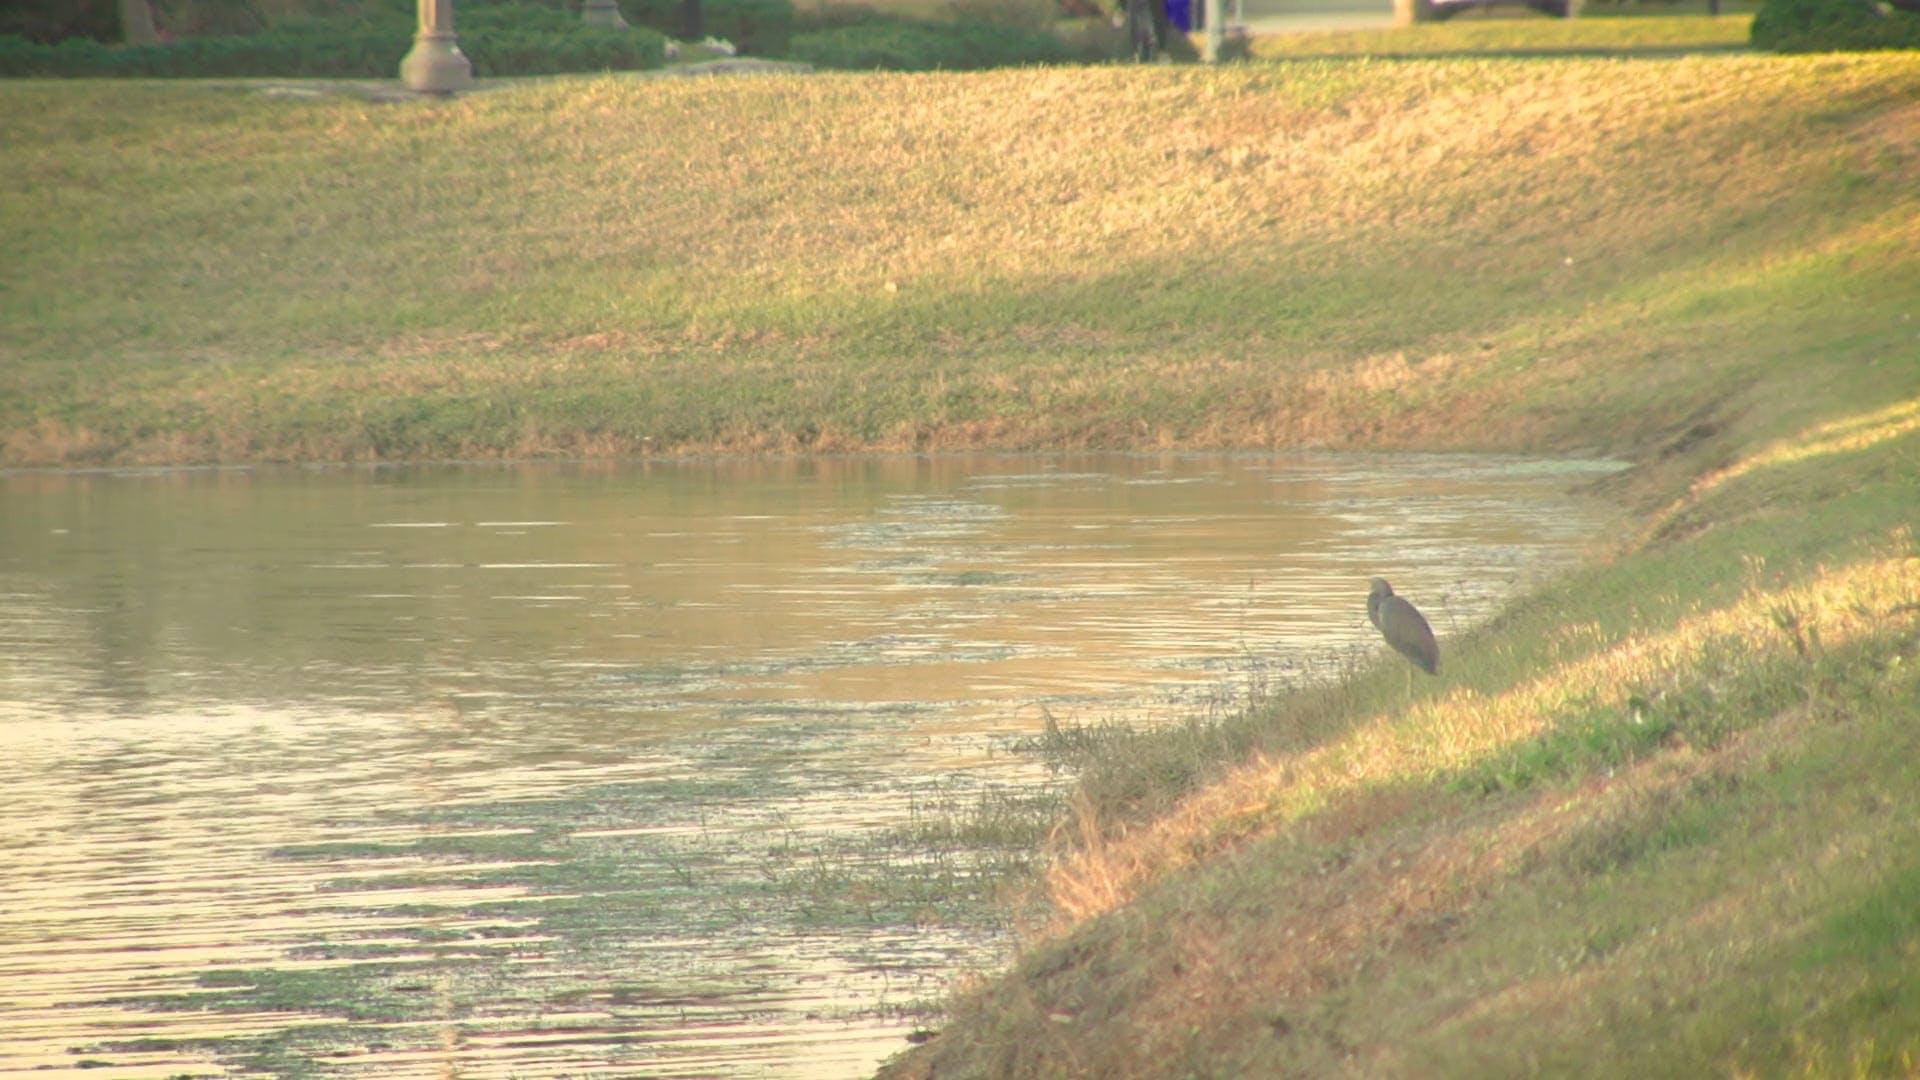 Bird On The Grass Near Lake